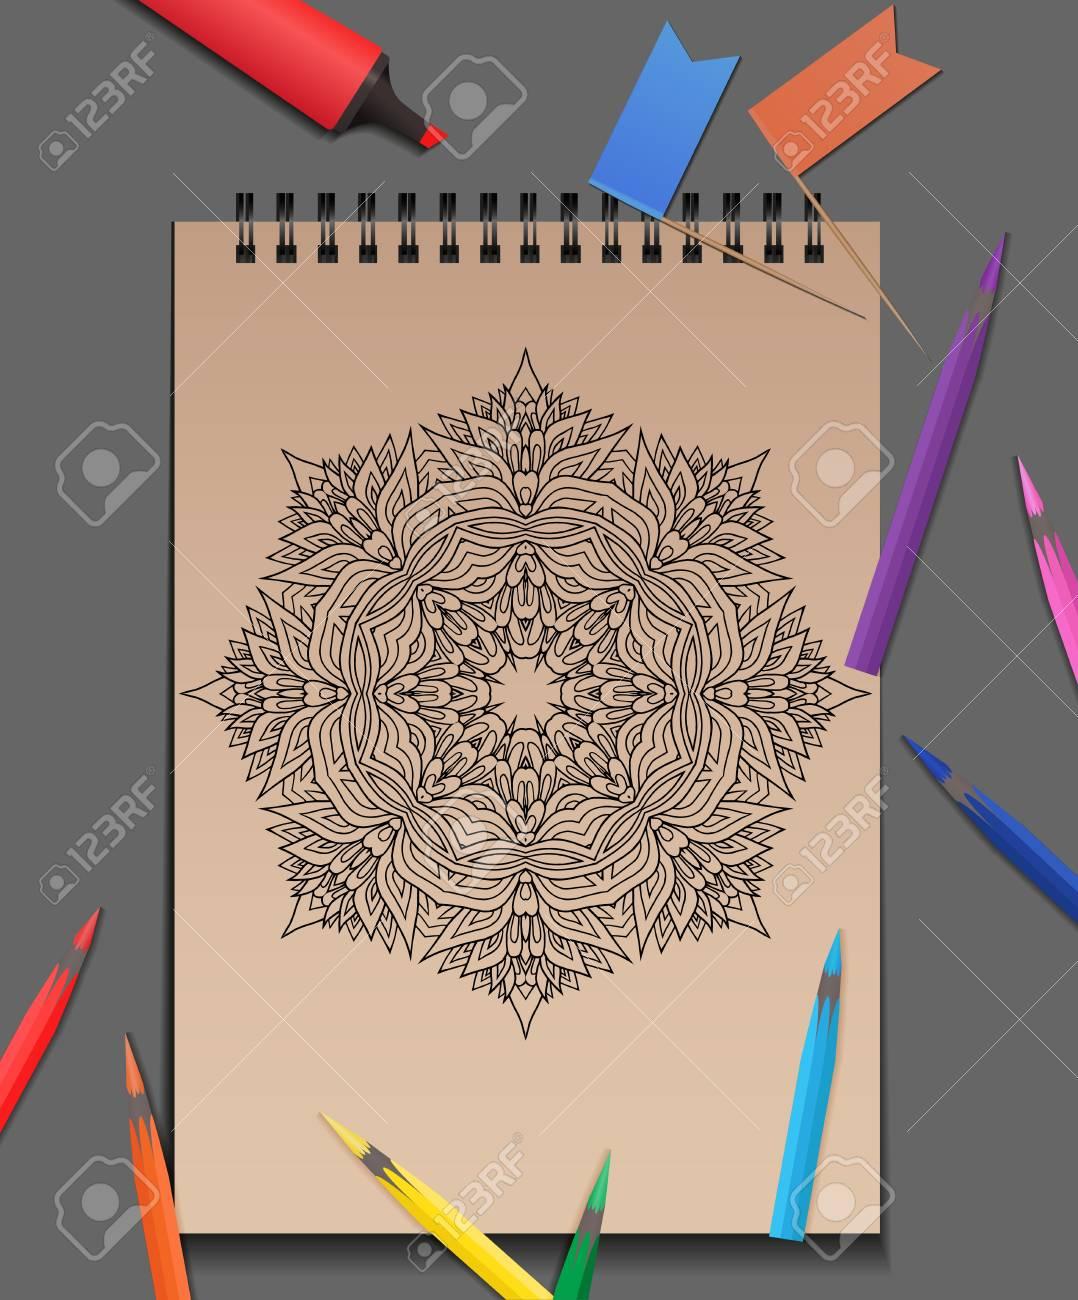 Vektor-Illustration Von Erwachsenen Mandala Mit Buntstiften Auf Dem ...